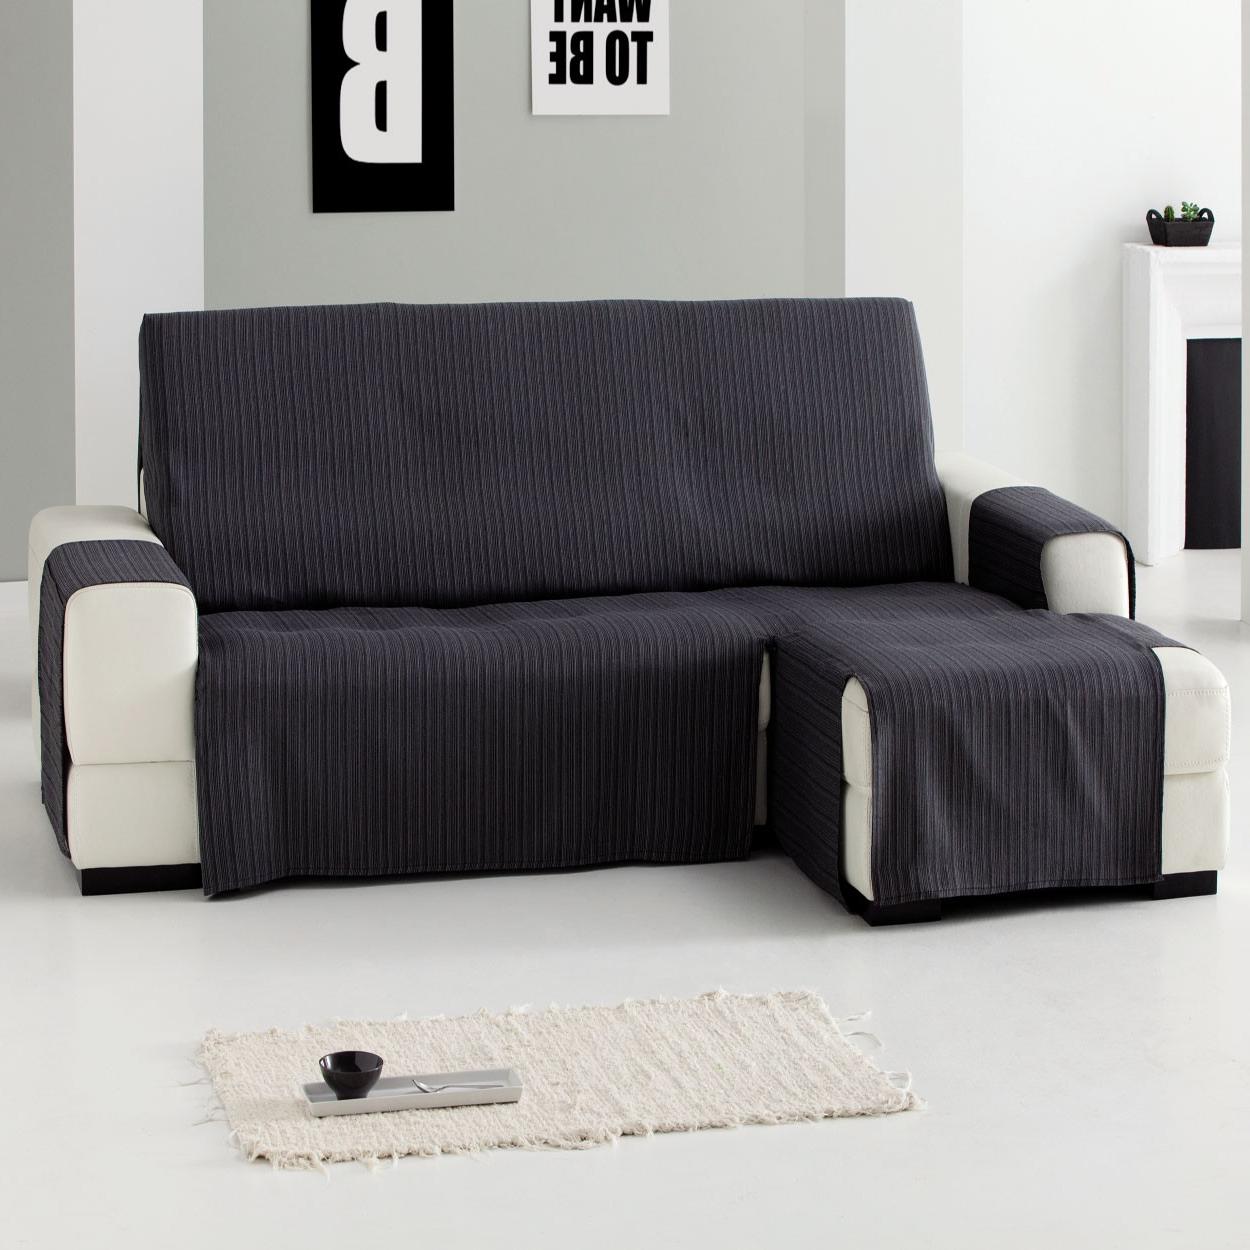 Funda sofa Gris X8d1 Funda sofà Chaise Longue Prà Ctica Jara